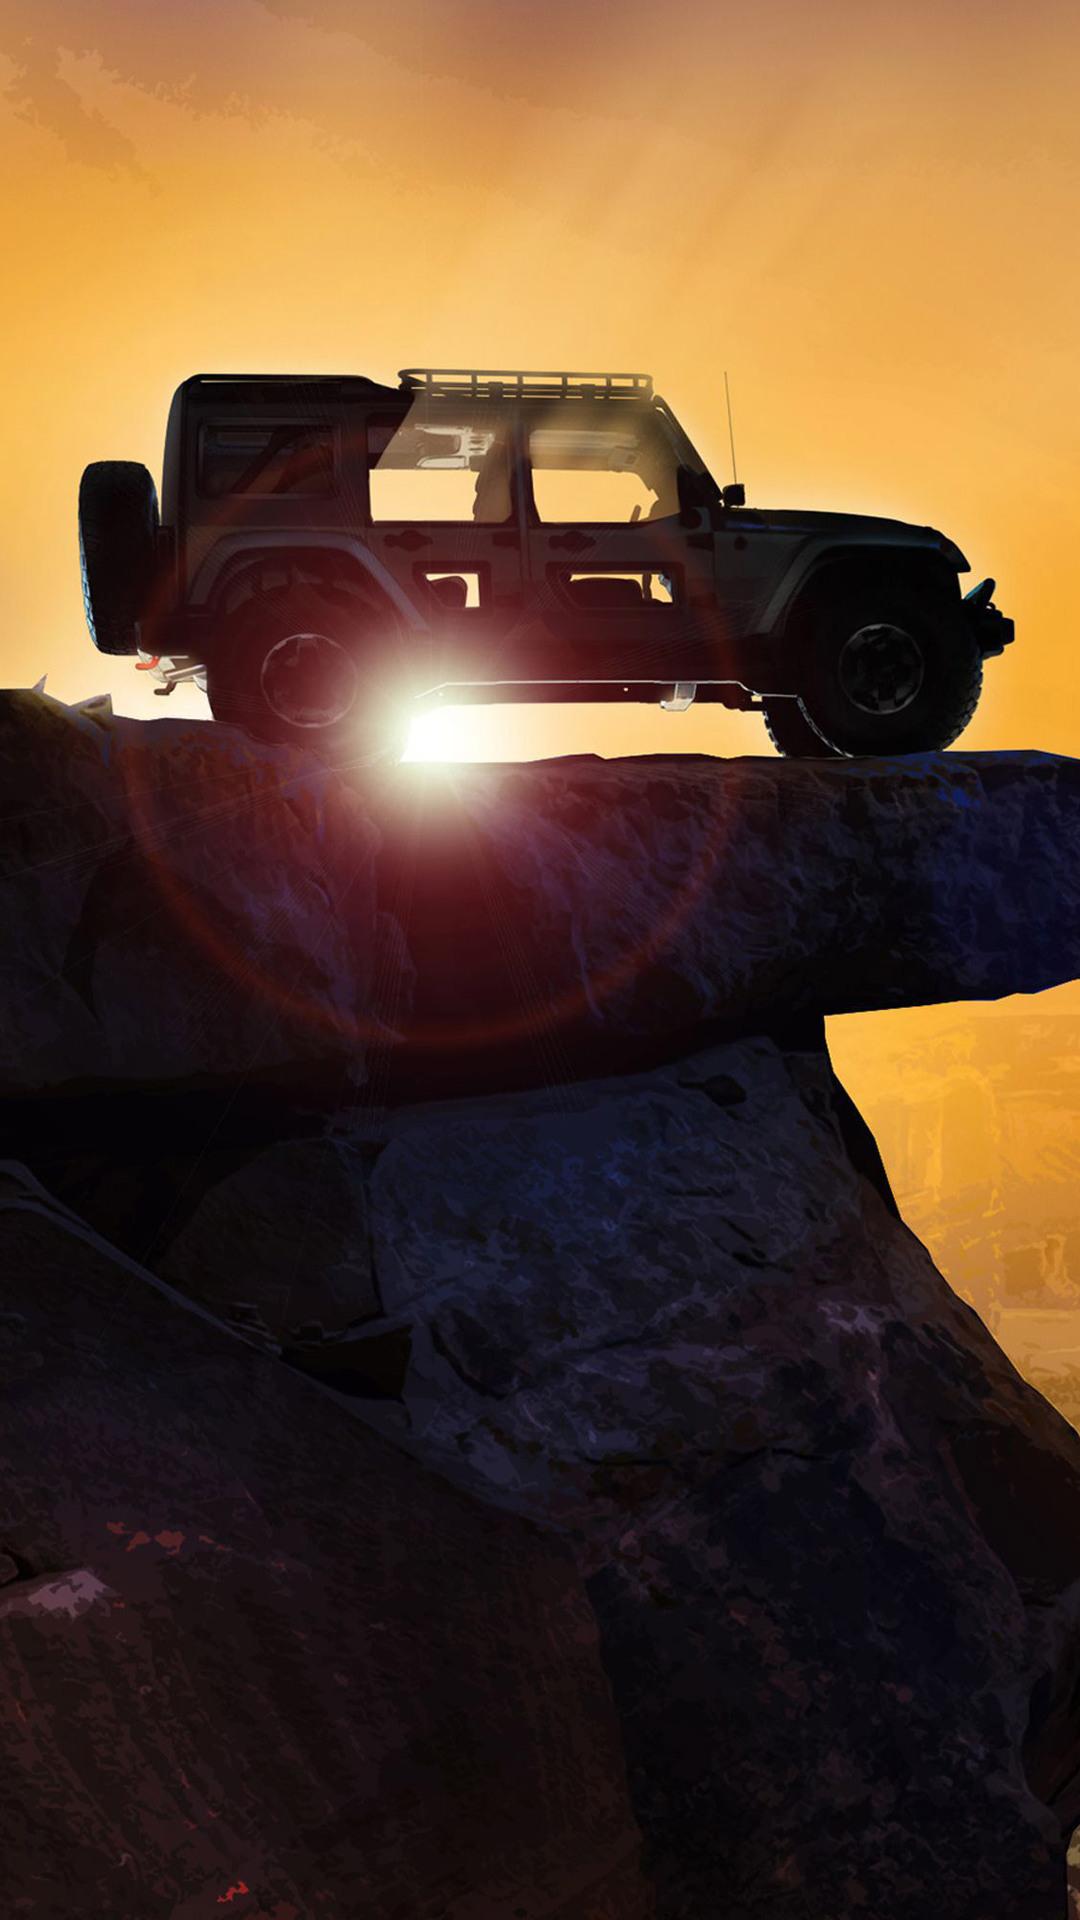 1080x1920 jeep easter safari 2017 iphone 7 6s 6 plus - Safari car wallpaper ...